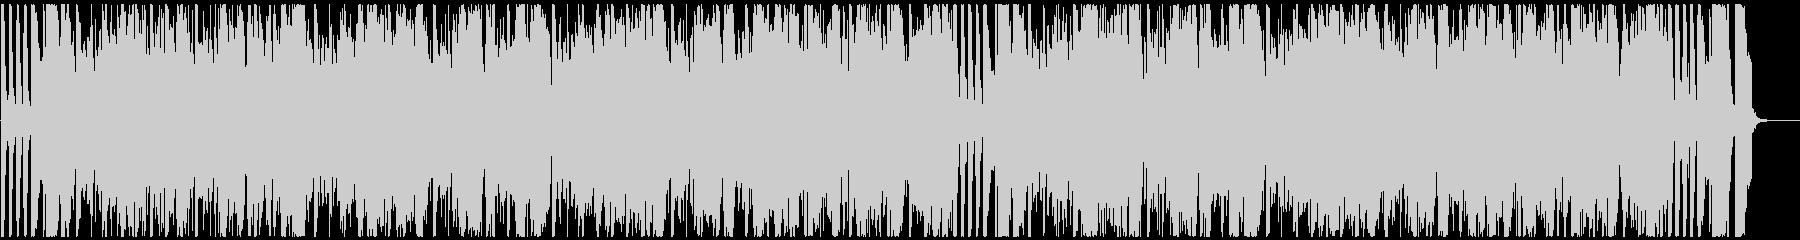 ファンキーなブラスのノリノリなファンクの未再生の波形